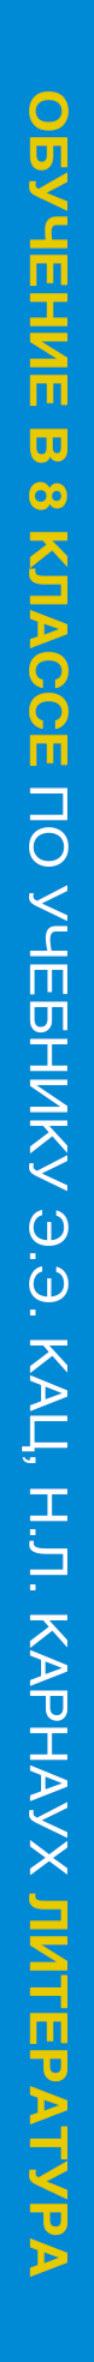 """Обучение в 8 классе. По учебнику Э. Э. Кац, Н. Л. Карнаух """"Литература. 8 класс"""". Программа, методические рекомендации, тематическое планирование"""